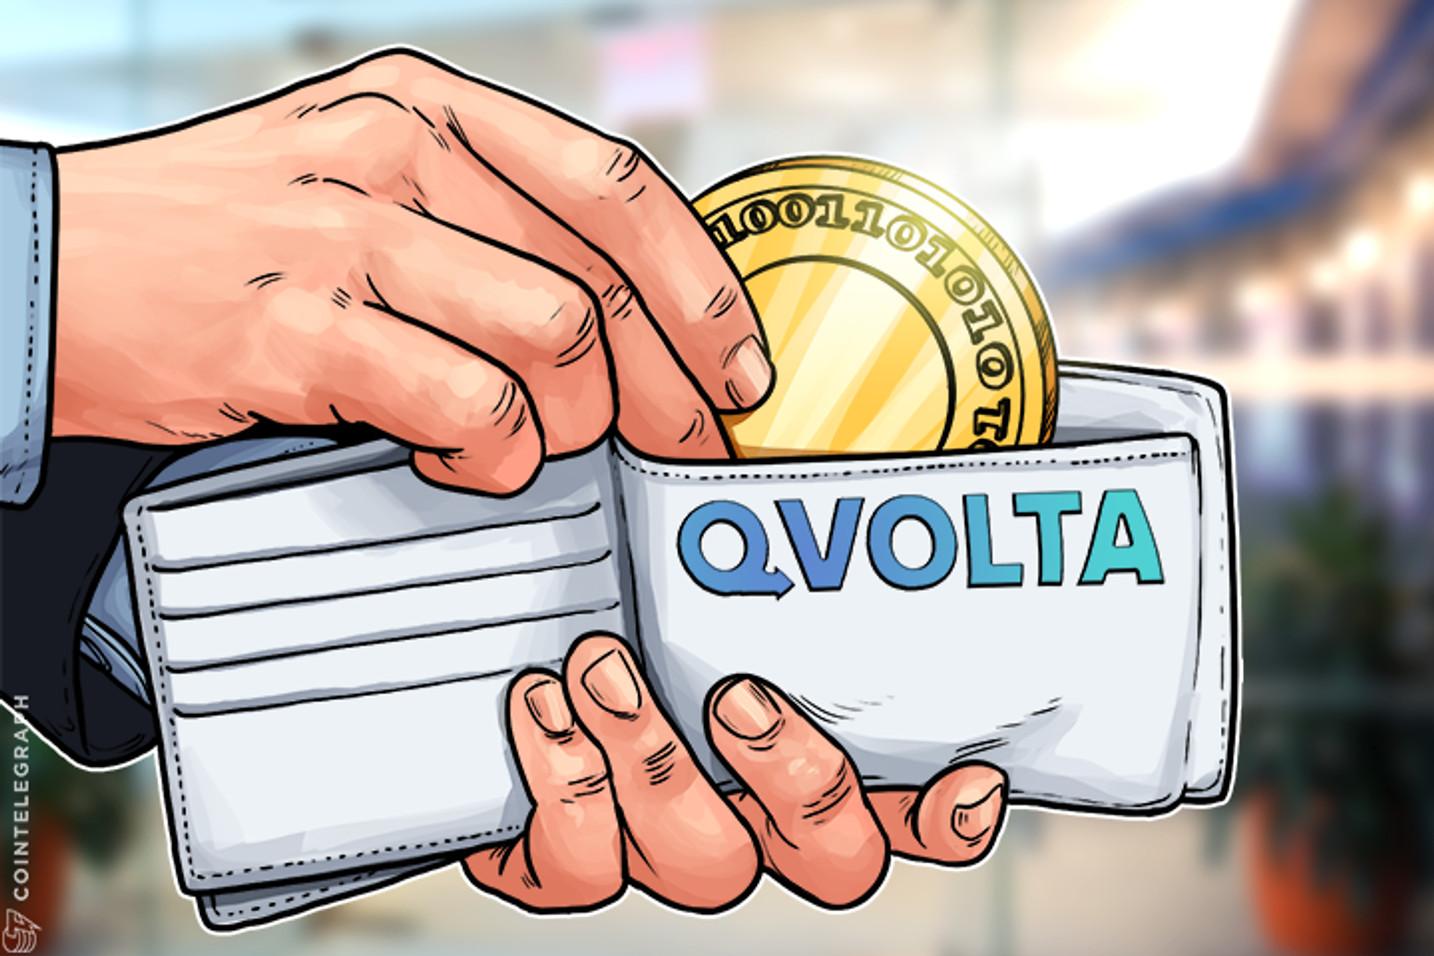 Qvolta Aiming to Break Exchange Monopoly